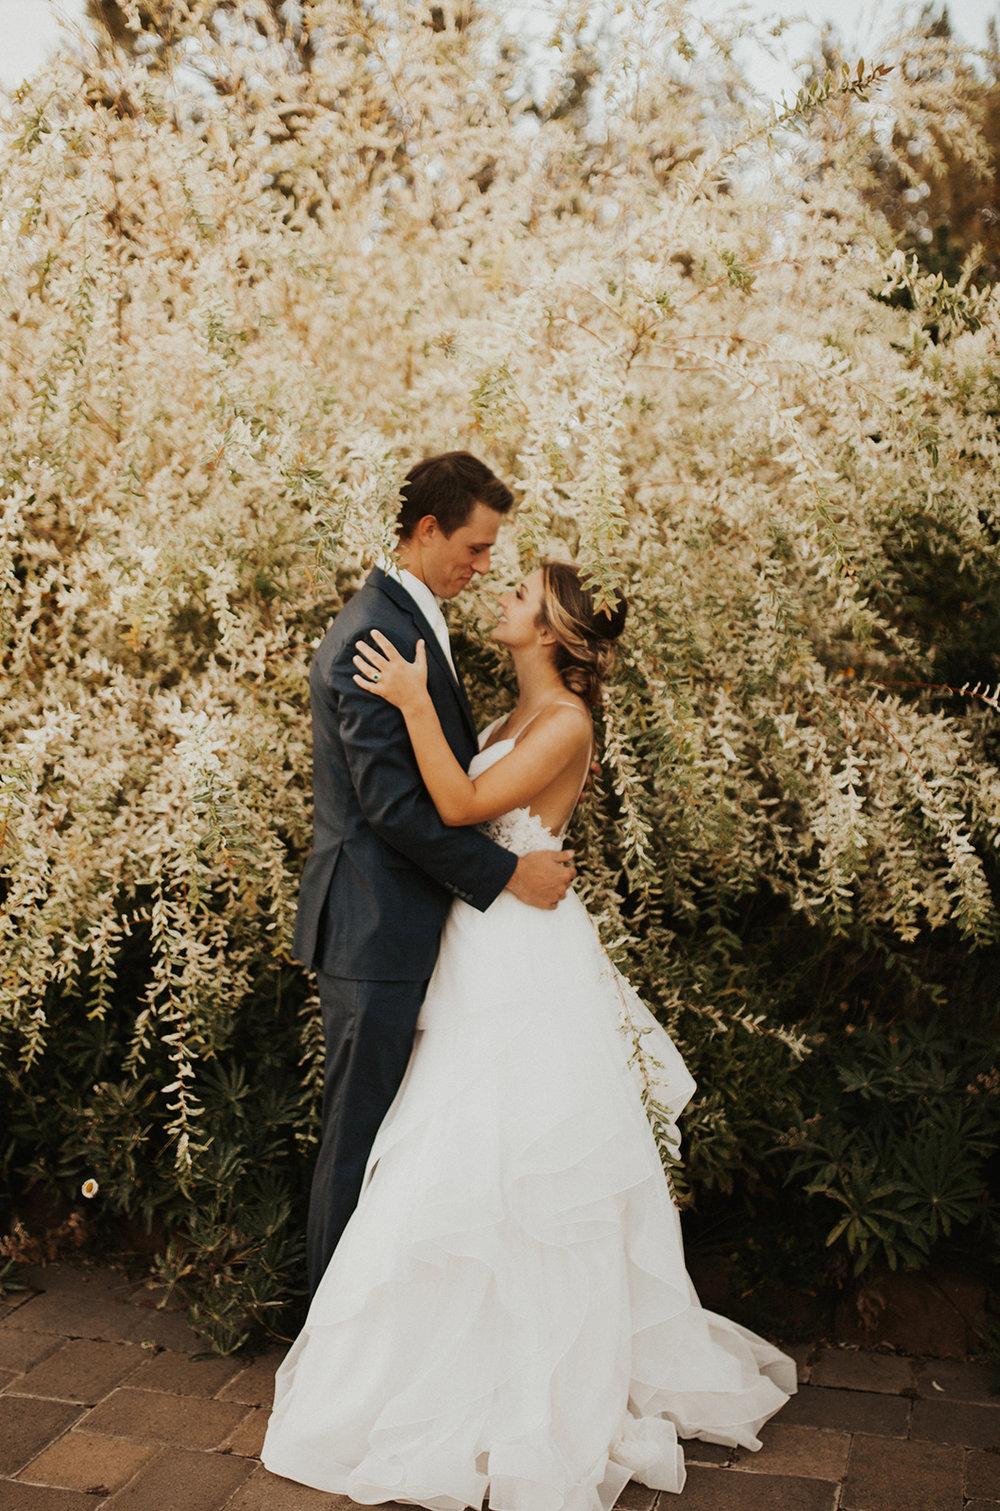 Rosemary & Pine Photography | Elegant + Intimate Styled Oregon Vineyard Wedding, Terrebonne Oregon